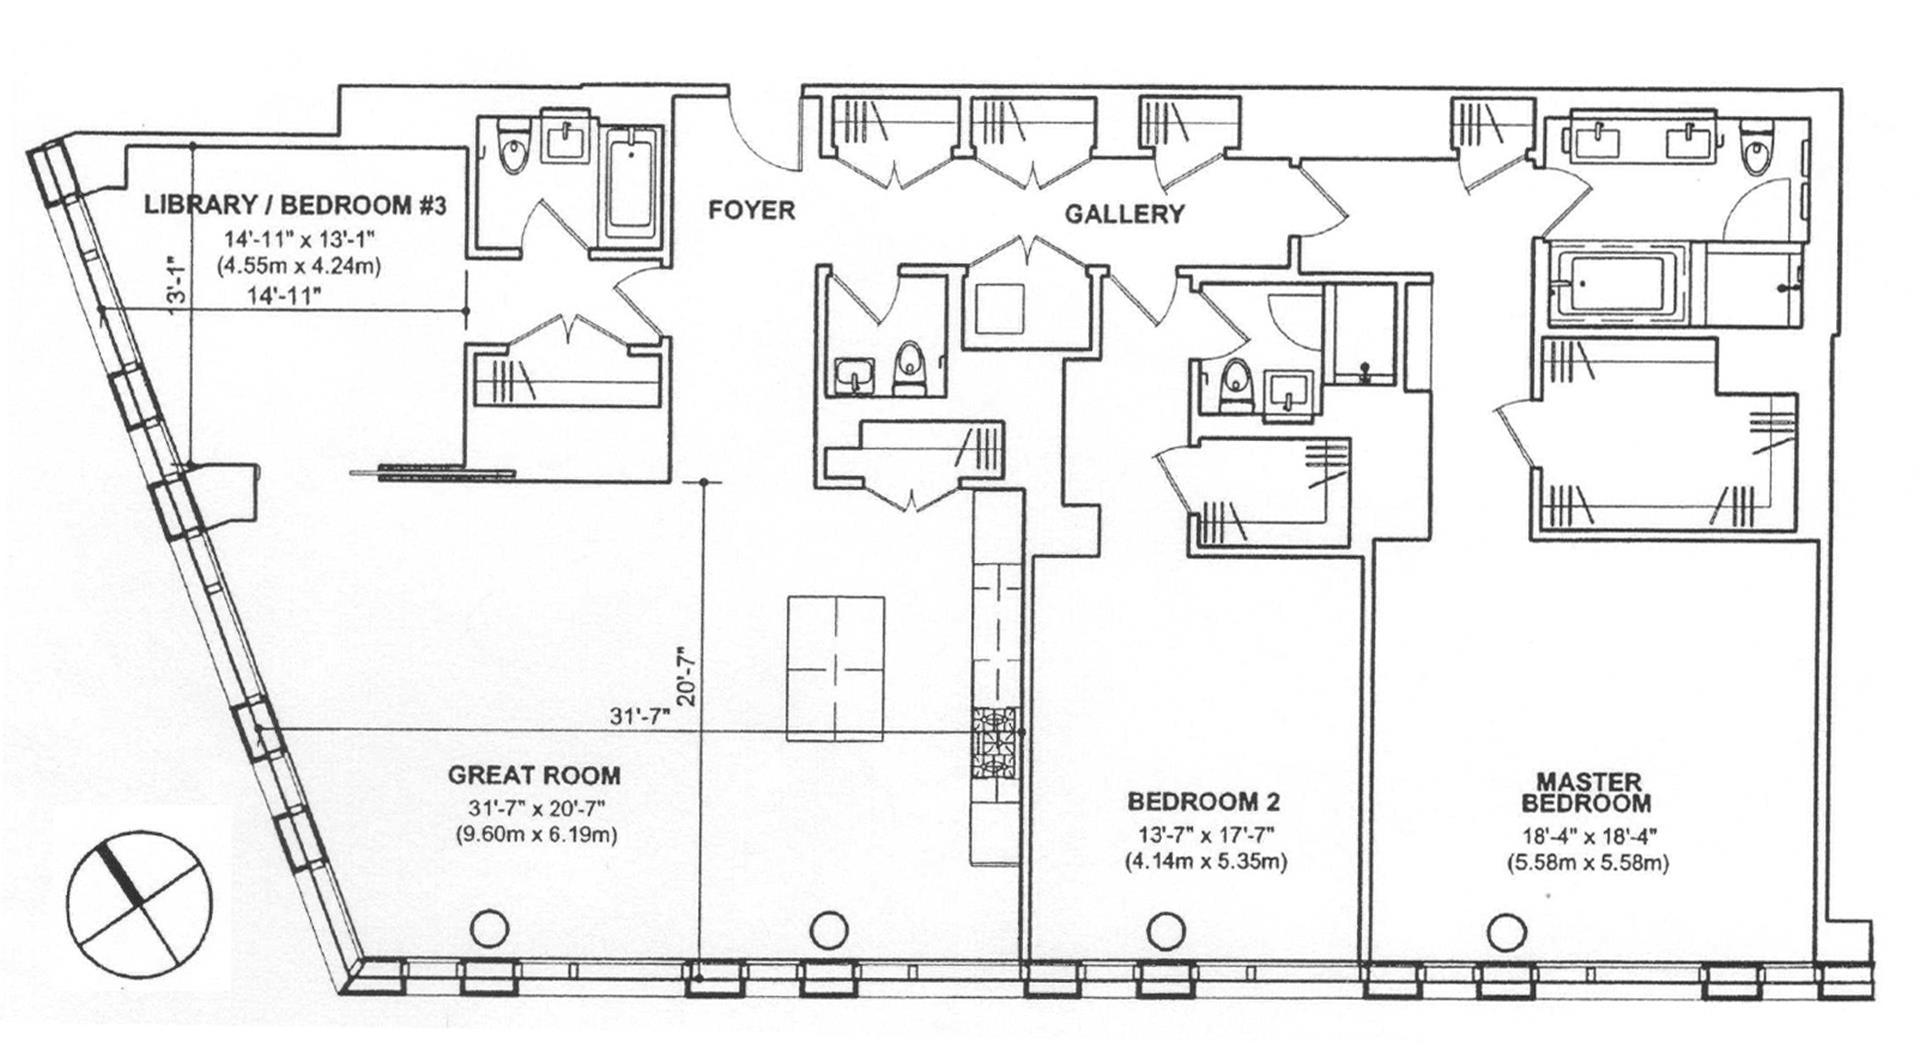 Floor plan of 101 Warren St, 2410 - TriBeCa, New York